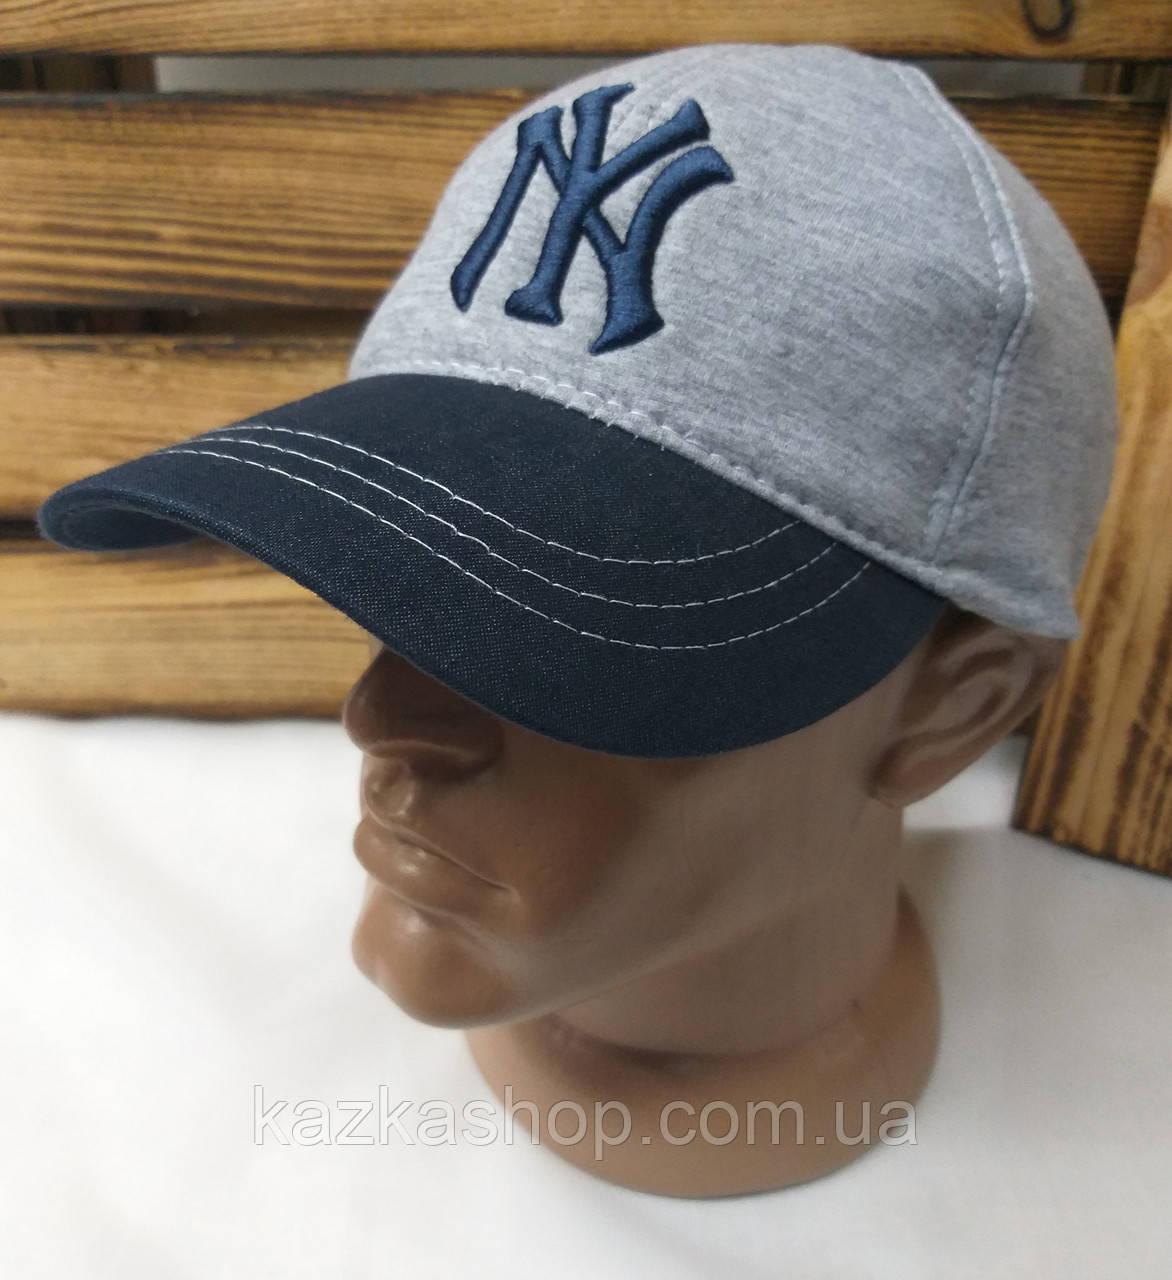 Мужская кепка New York серого цвета материал трикотаж сезон весна-лето большая вышивка с регулятором